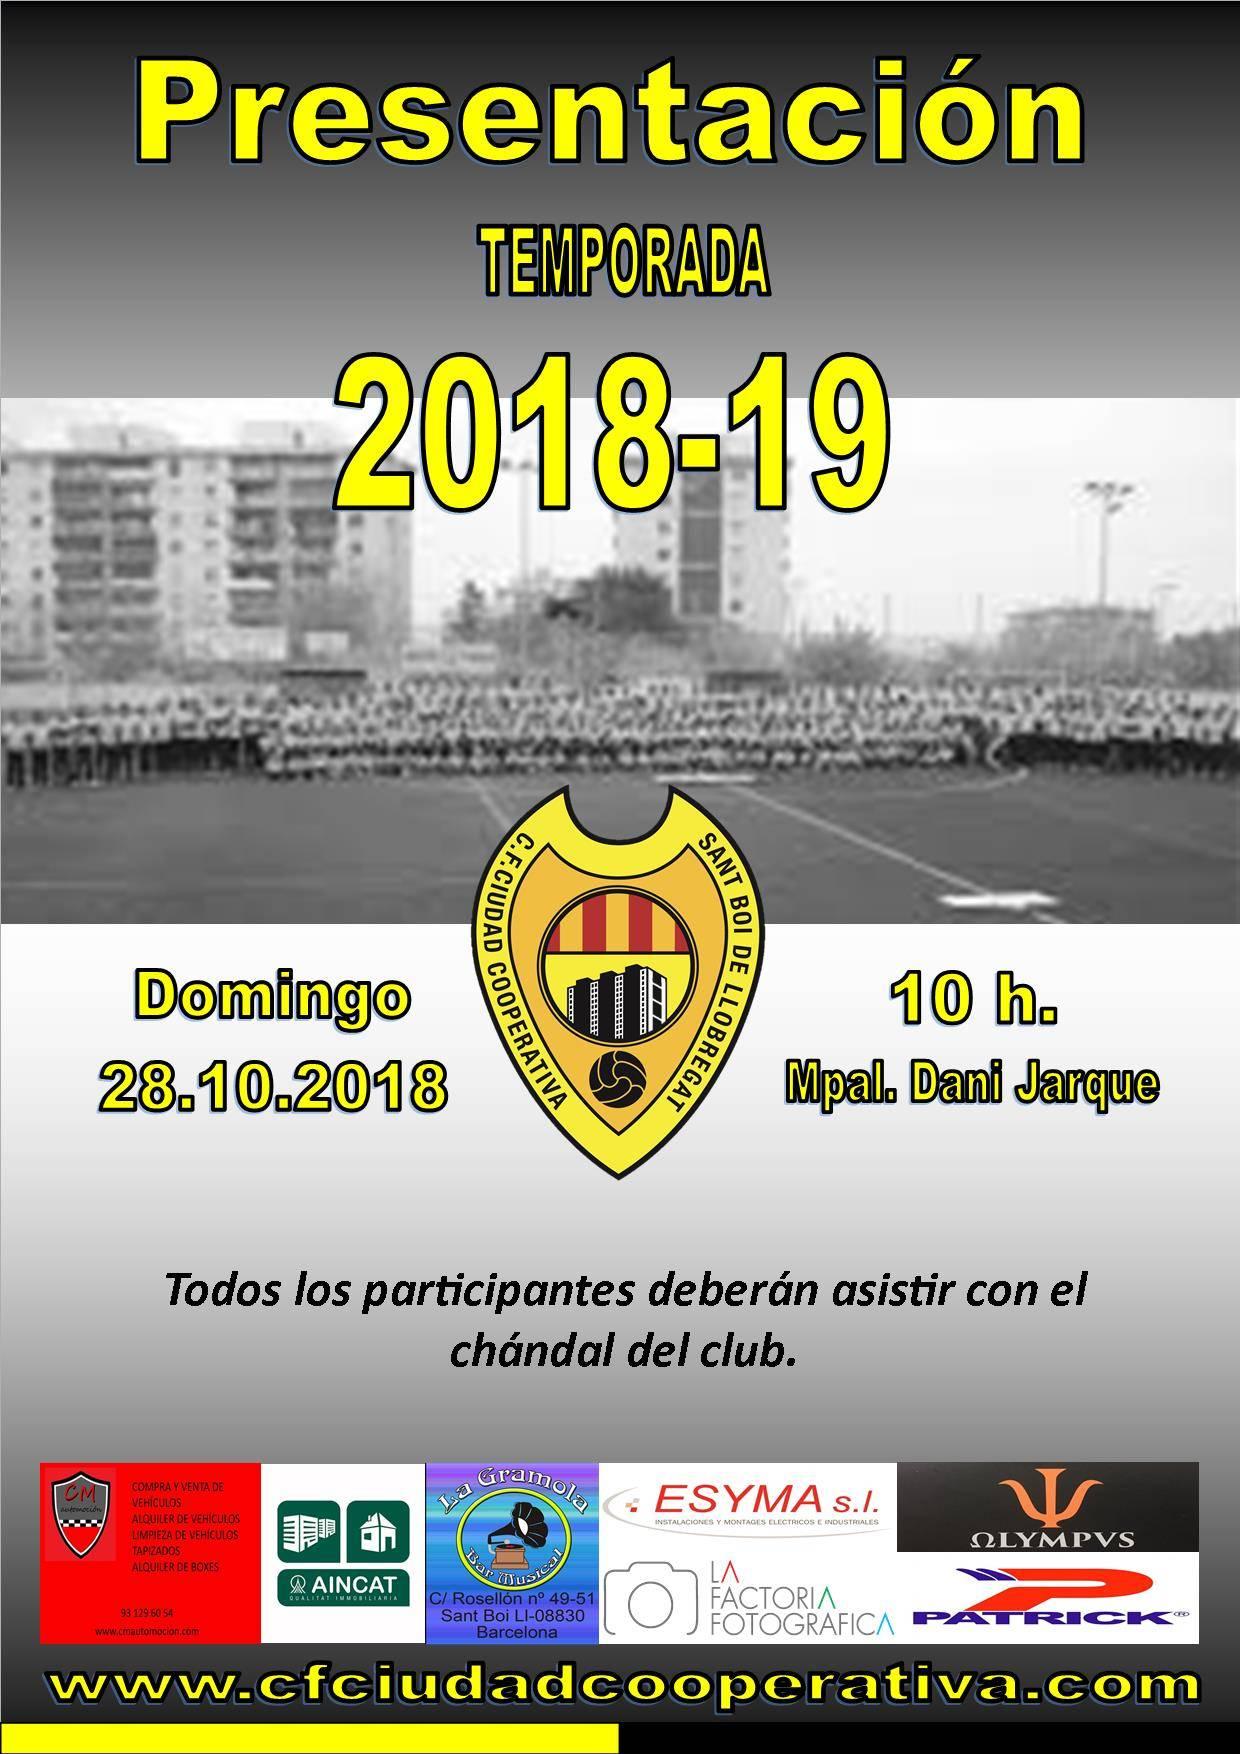 Presentación Temporada 2018/19